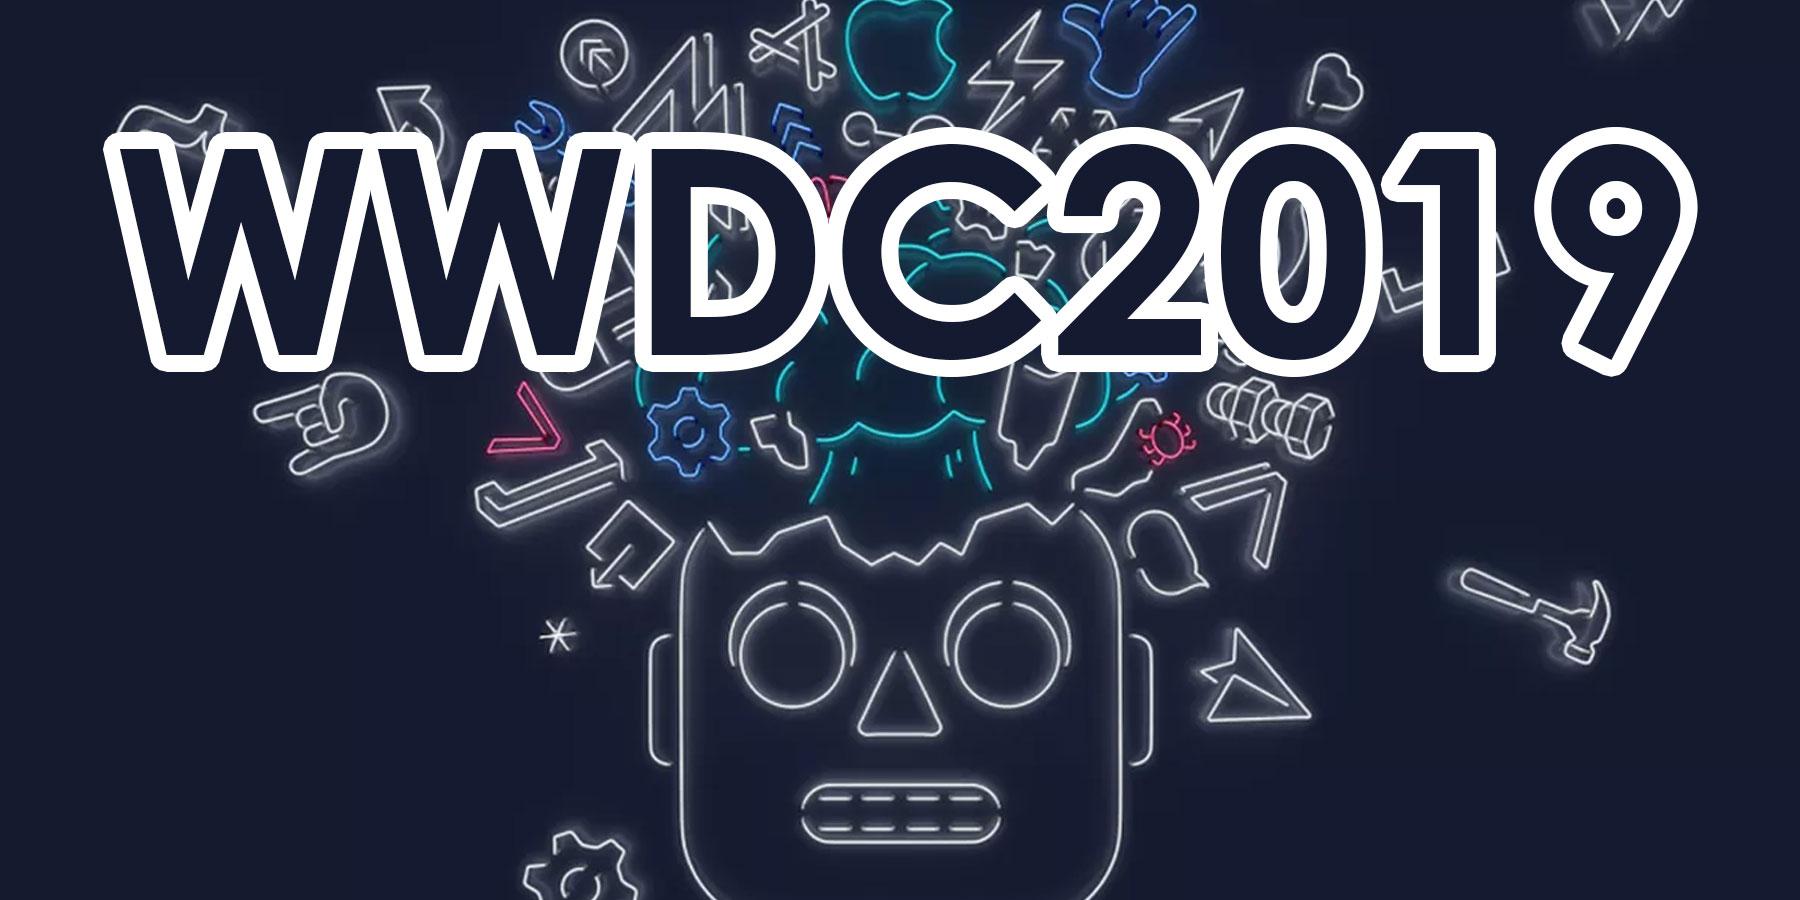 wwdc2019 1